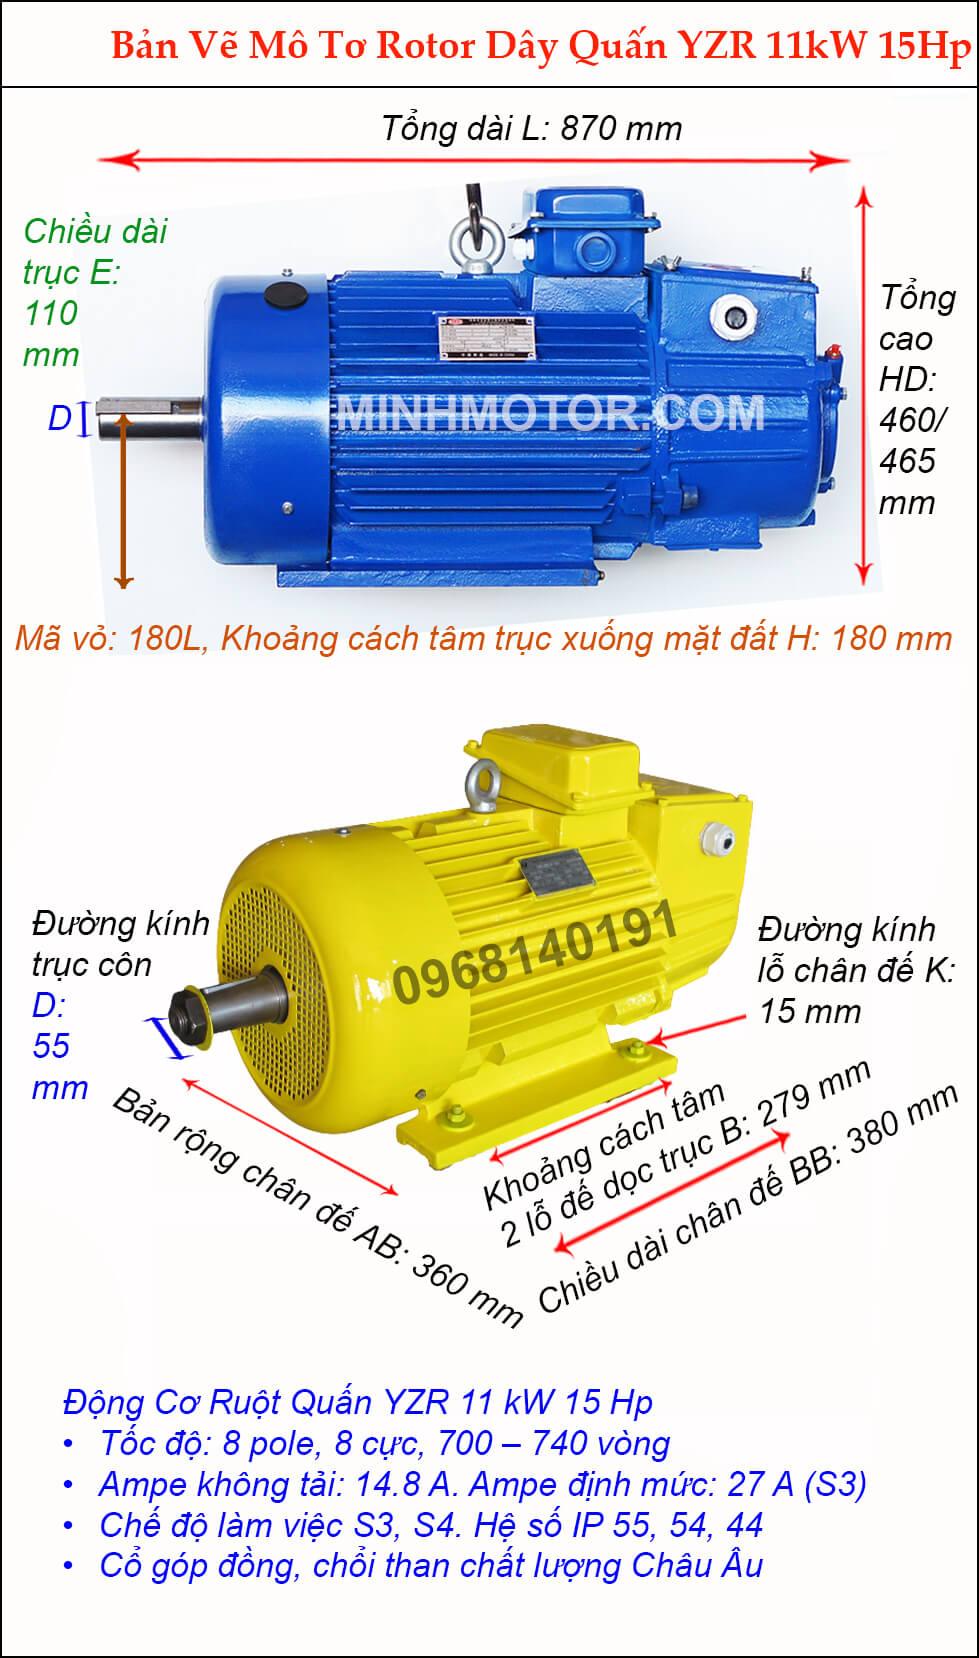 Motor ruột quấn 11 kw 15 HP 8 cực điện 700 vòng phút